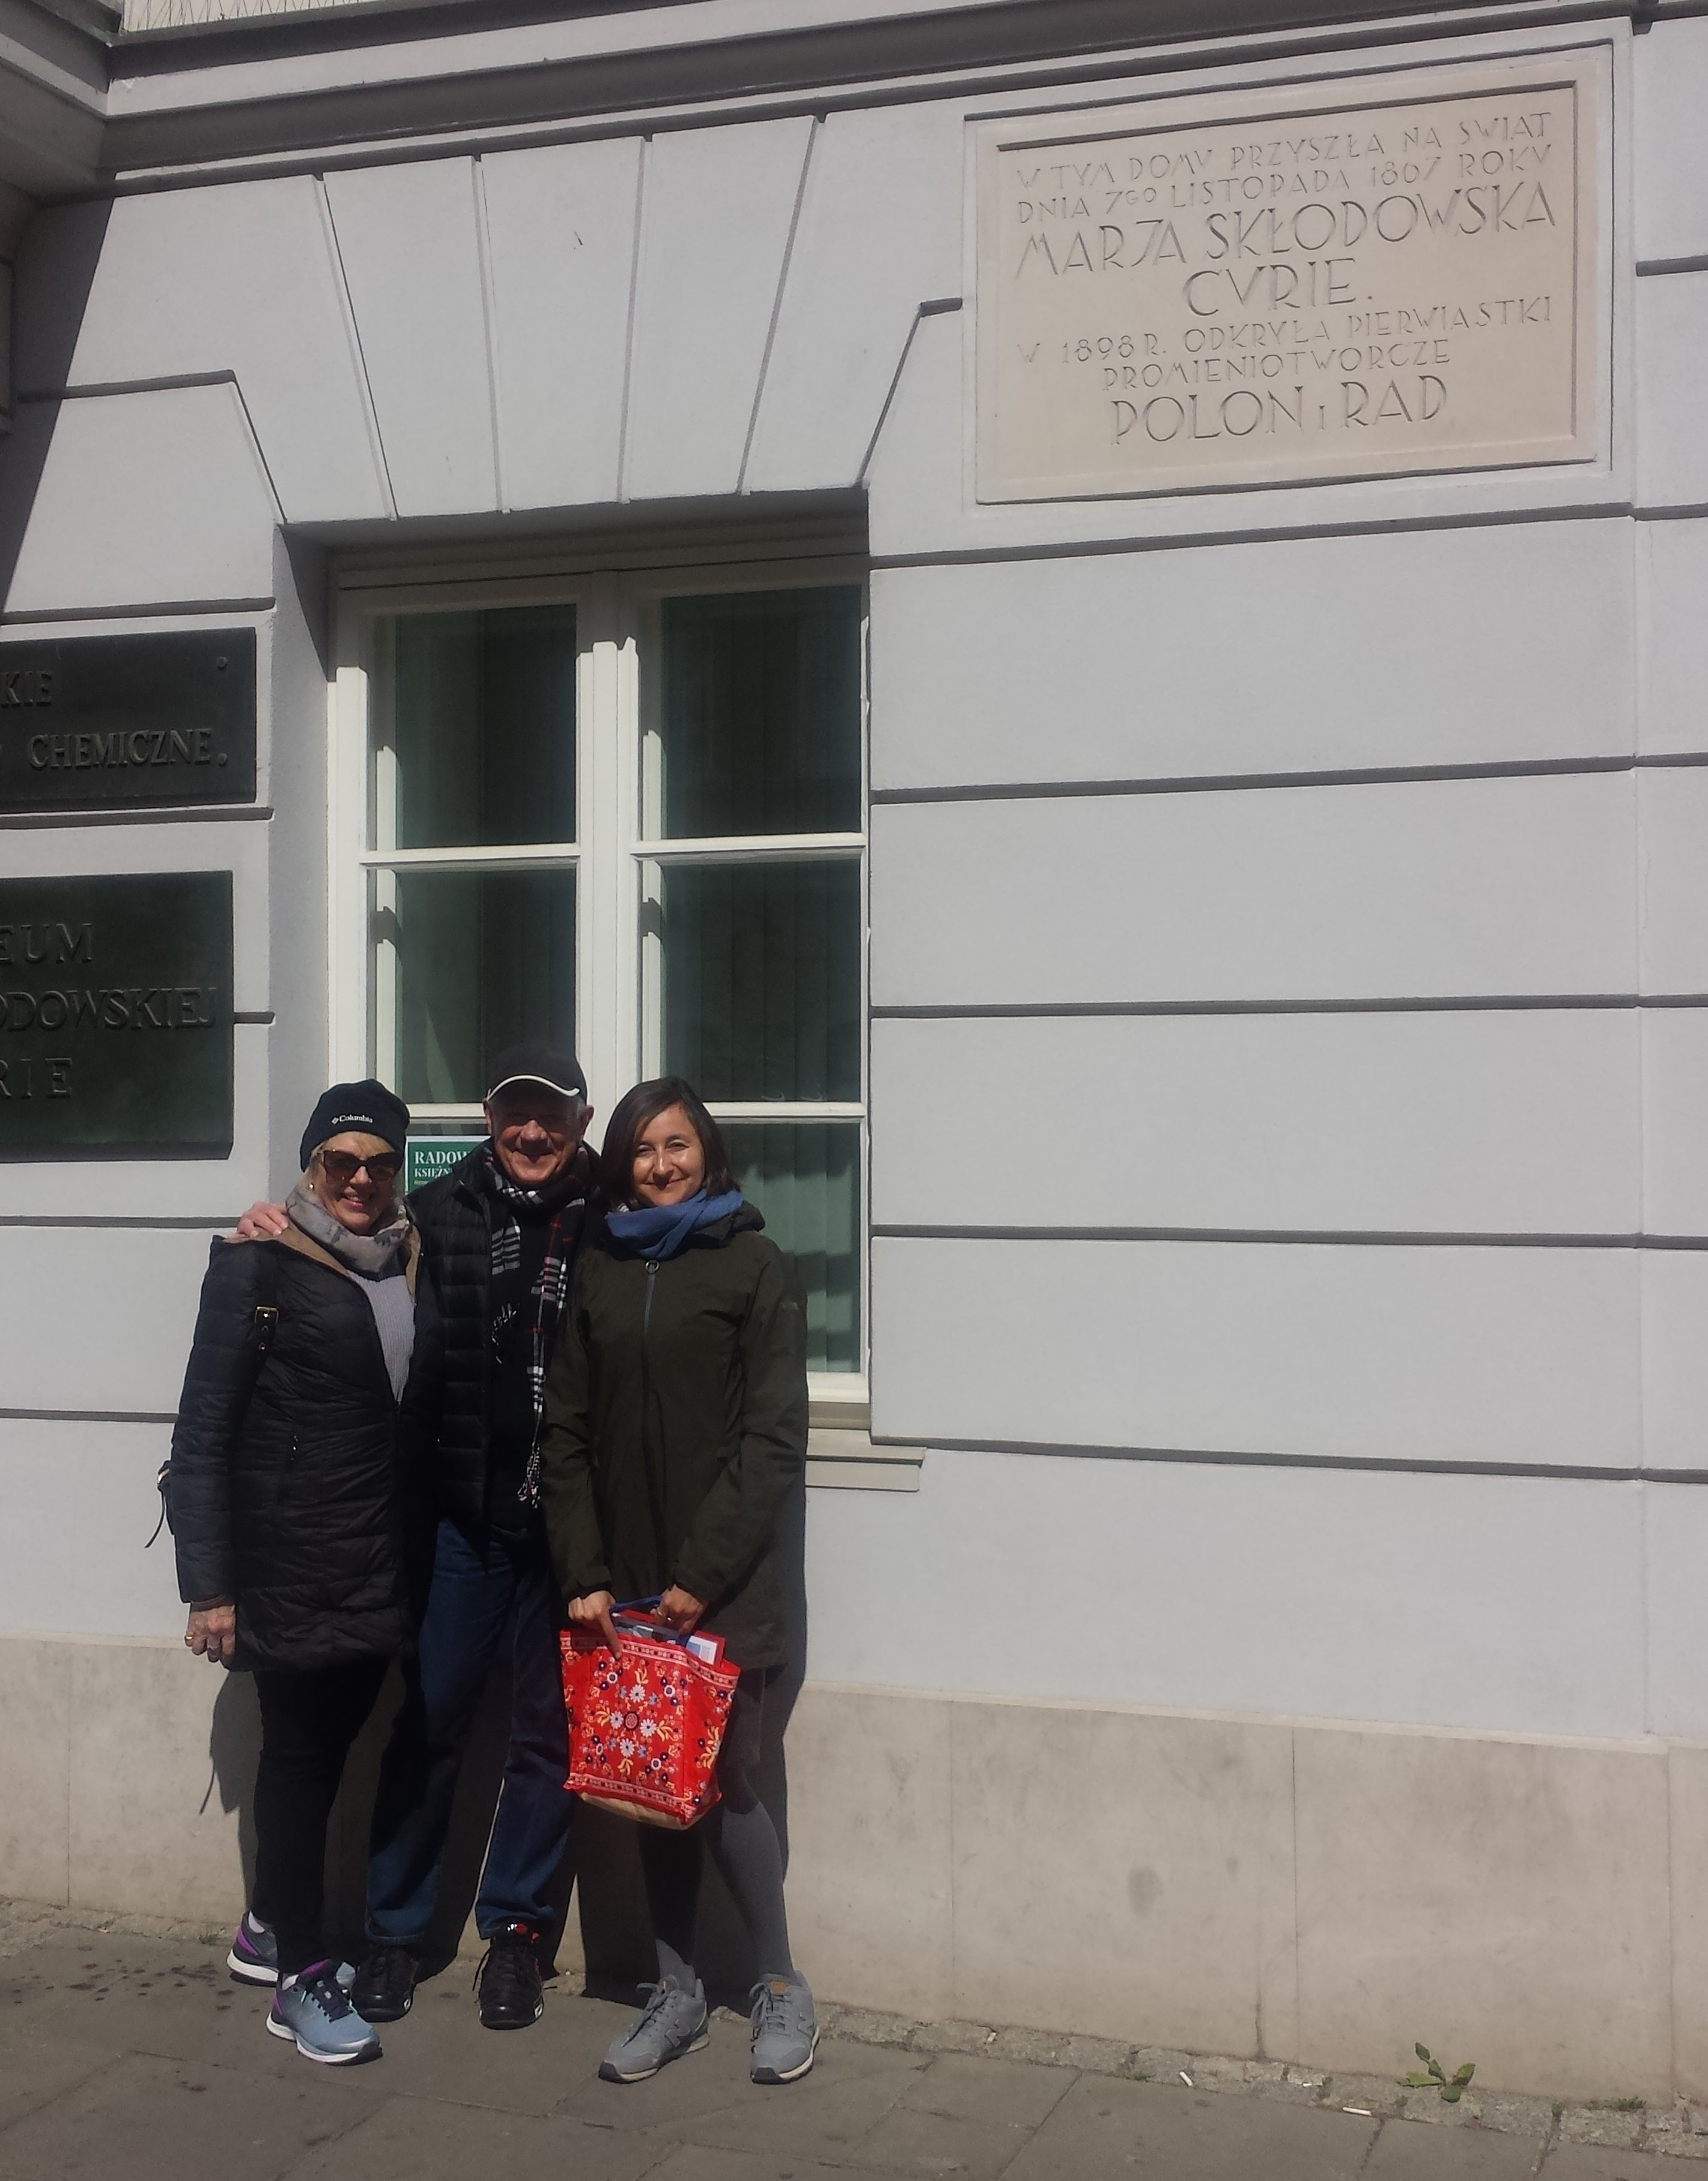 Step in Warsaw - Stadtführerin in Warschau. Mit meinen wunderbaren Touristen aus Brisbane (Australien) bei dem Geburtshaus von Maria Skłodowska-Curie, in dem sich ein ihrem Leben und Schaffen Museum befindet. Warschau, 03.05.2019.